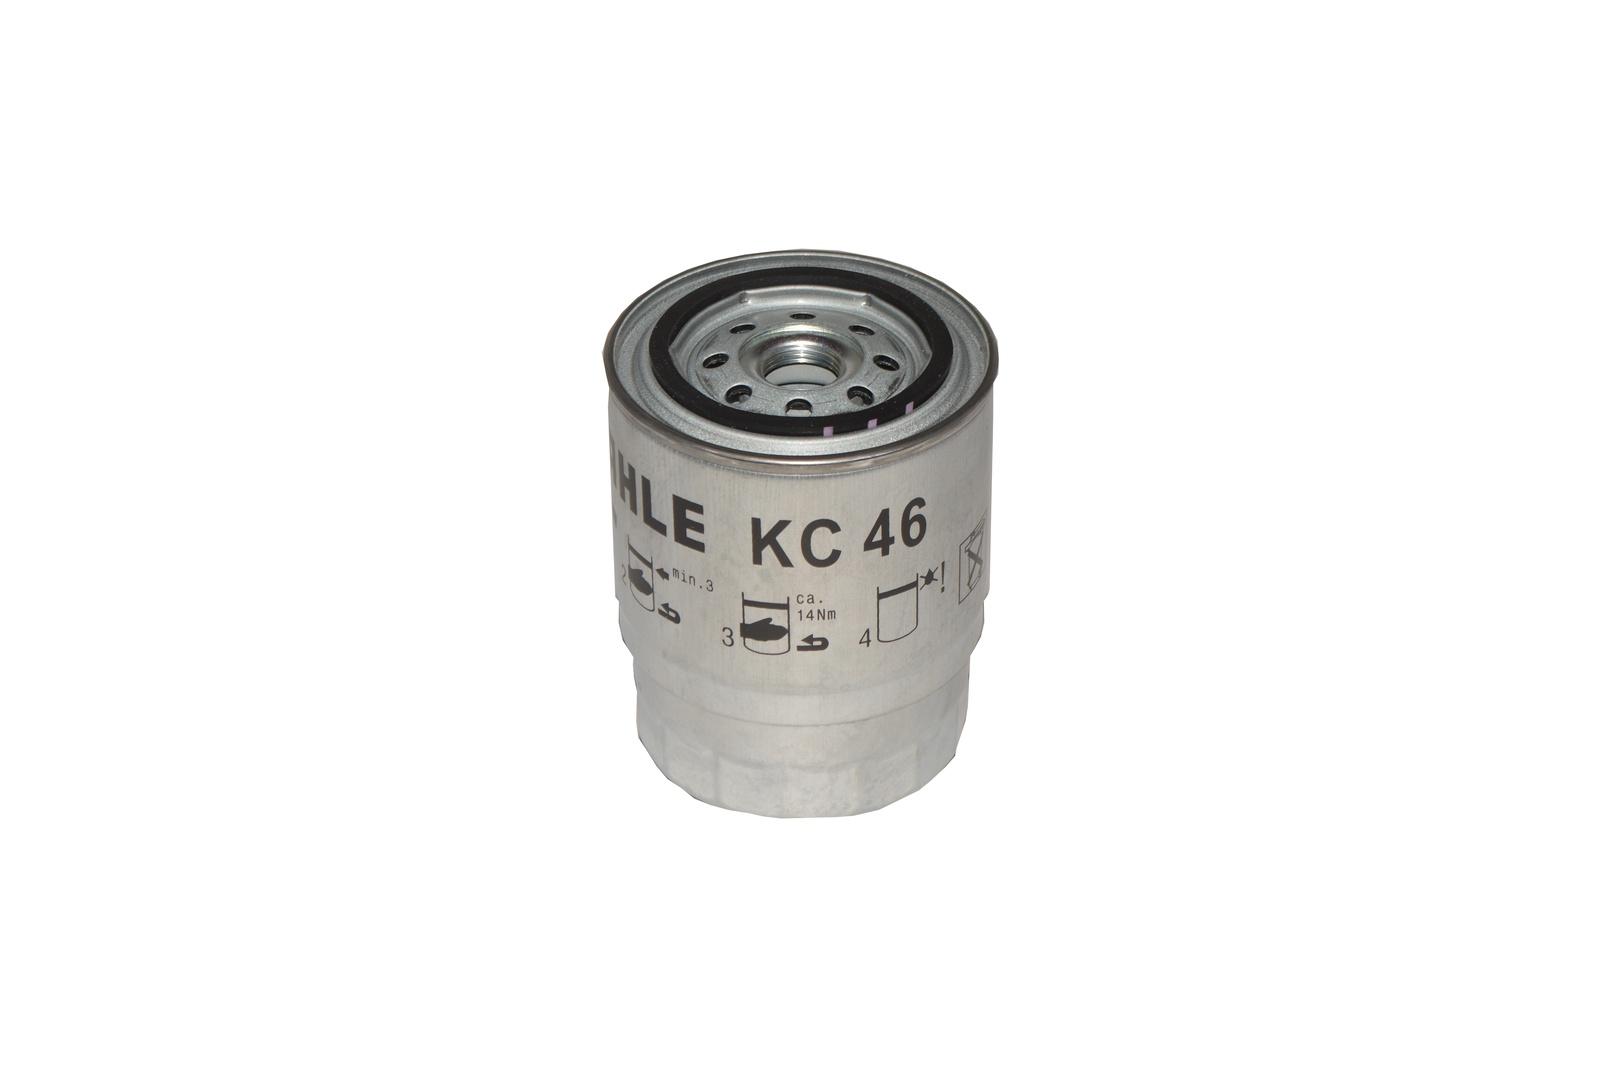 Топливный фильтр Mahle ORIGINAL KC46 фильтр топливный mahle kl438